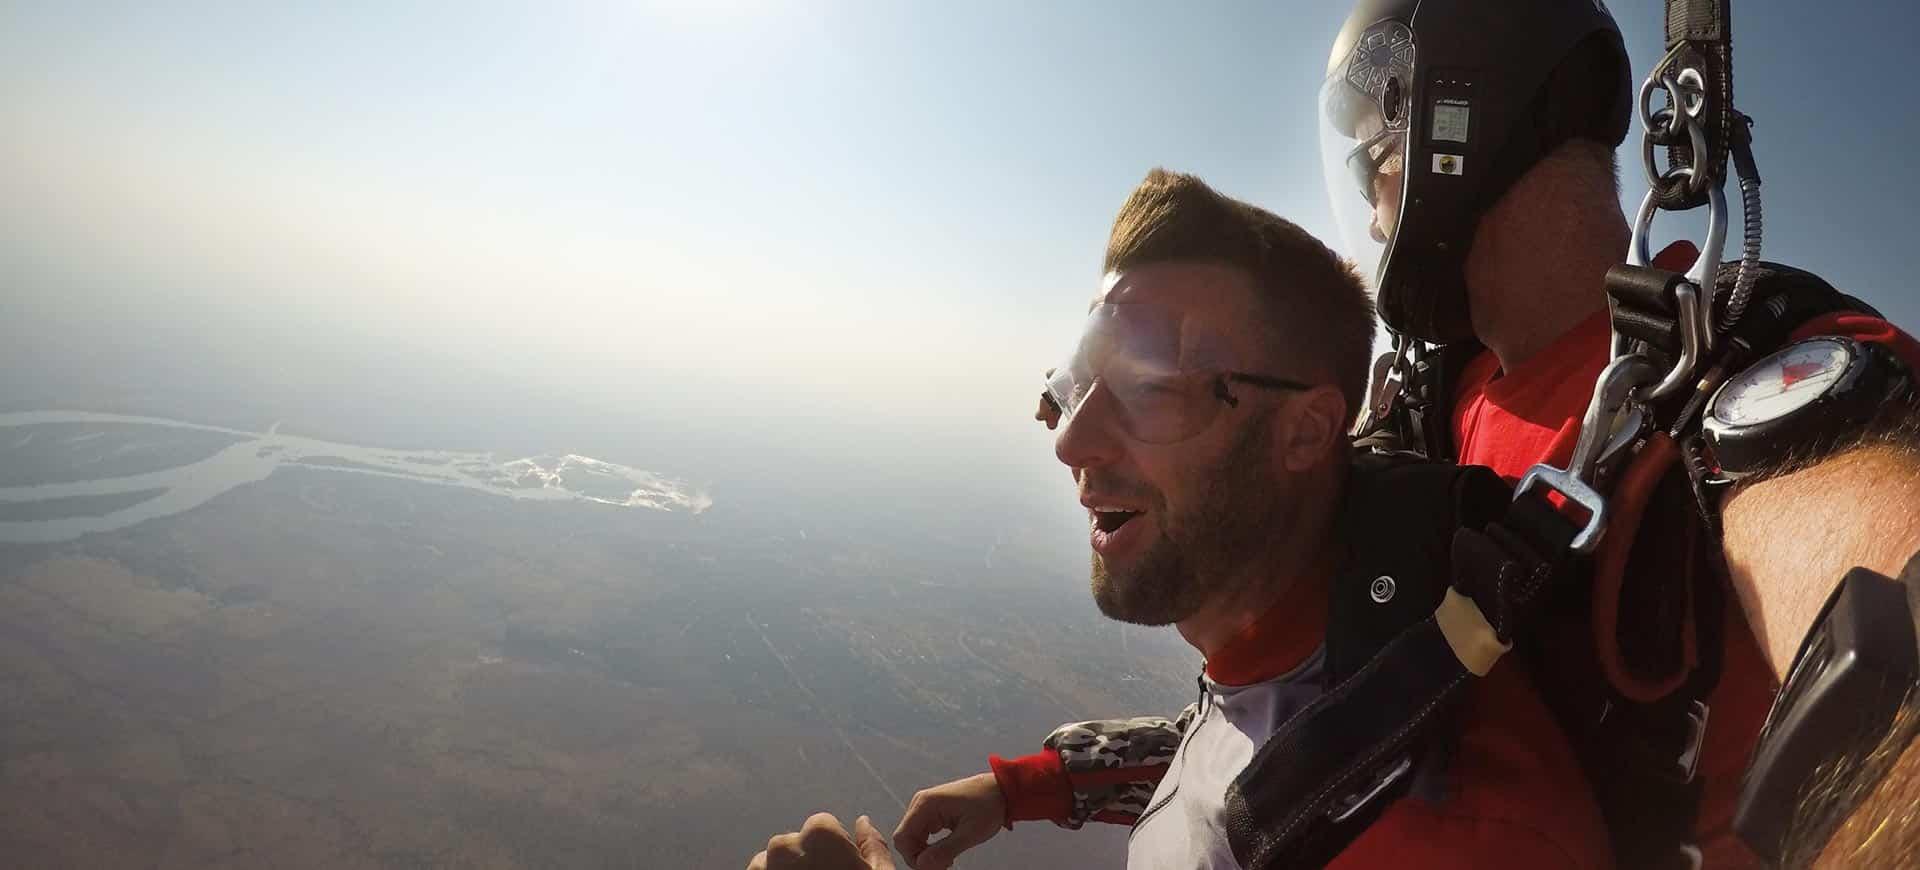 Victoria Falls Skydive